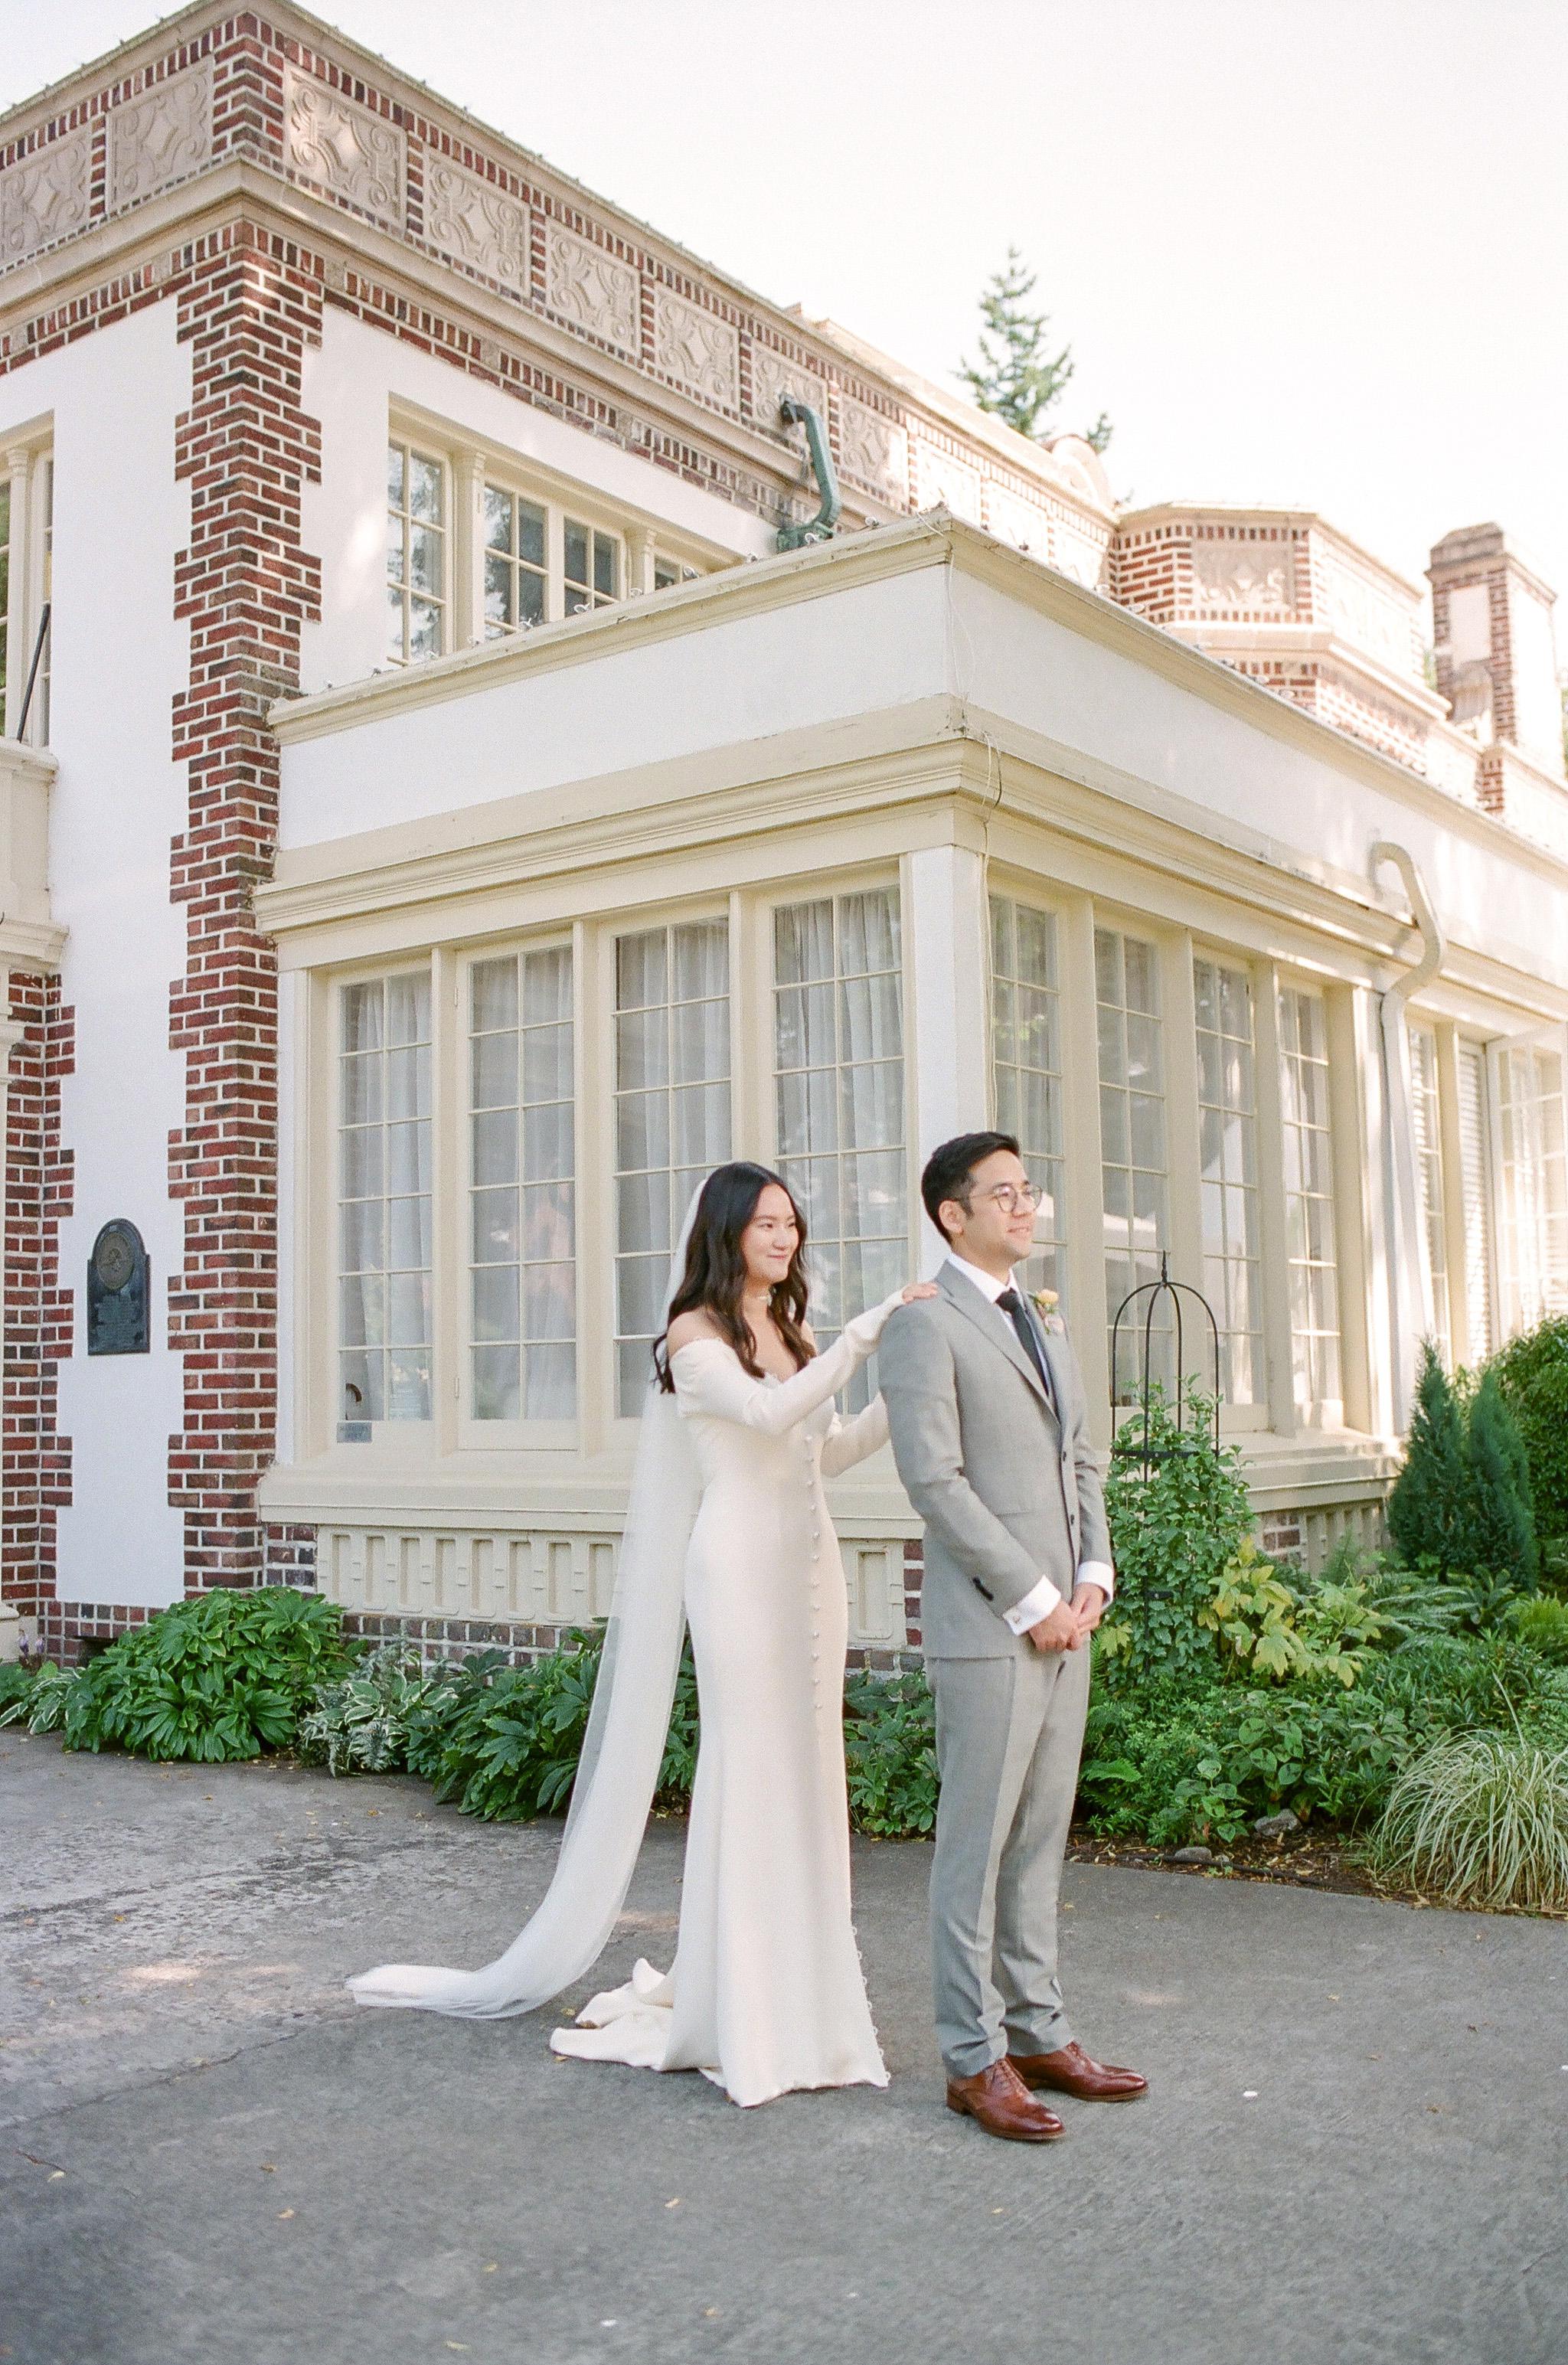 evelyn sam wedding emotional wedding pose